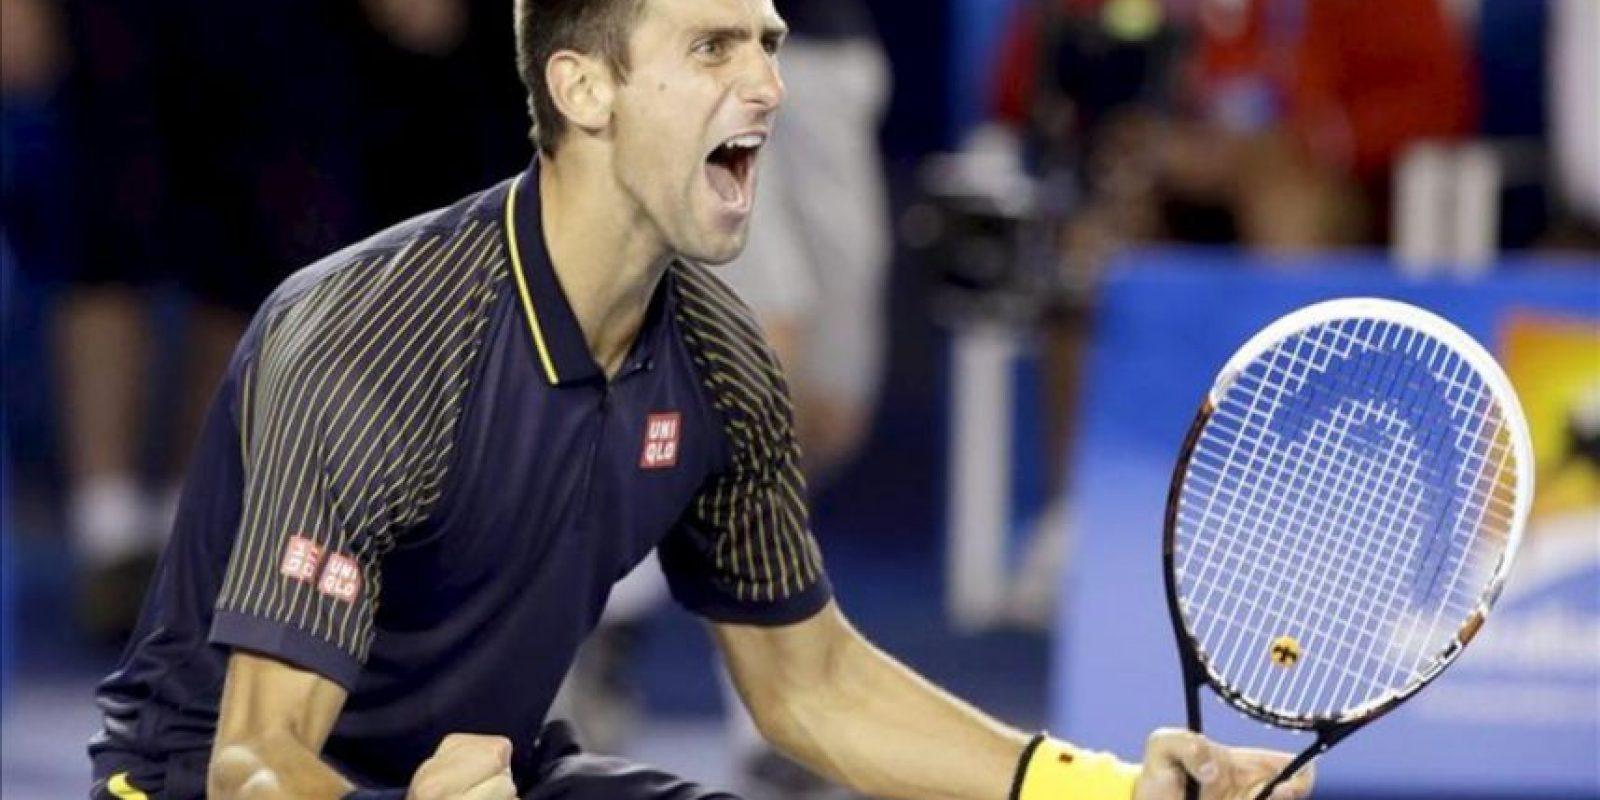 El tenista serbio Novak Djokovic celebra su triunfo en la final del Abierto de Australia frente al británico Andy Murray, hoy en Melbourne. EFE